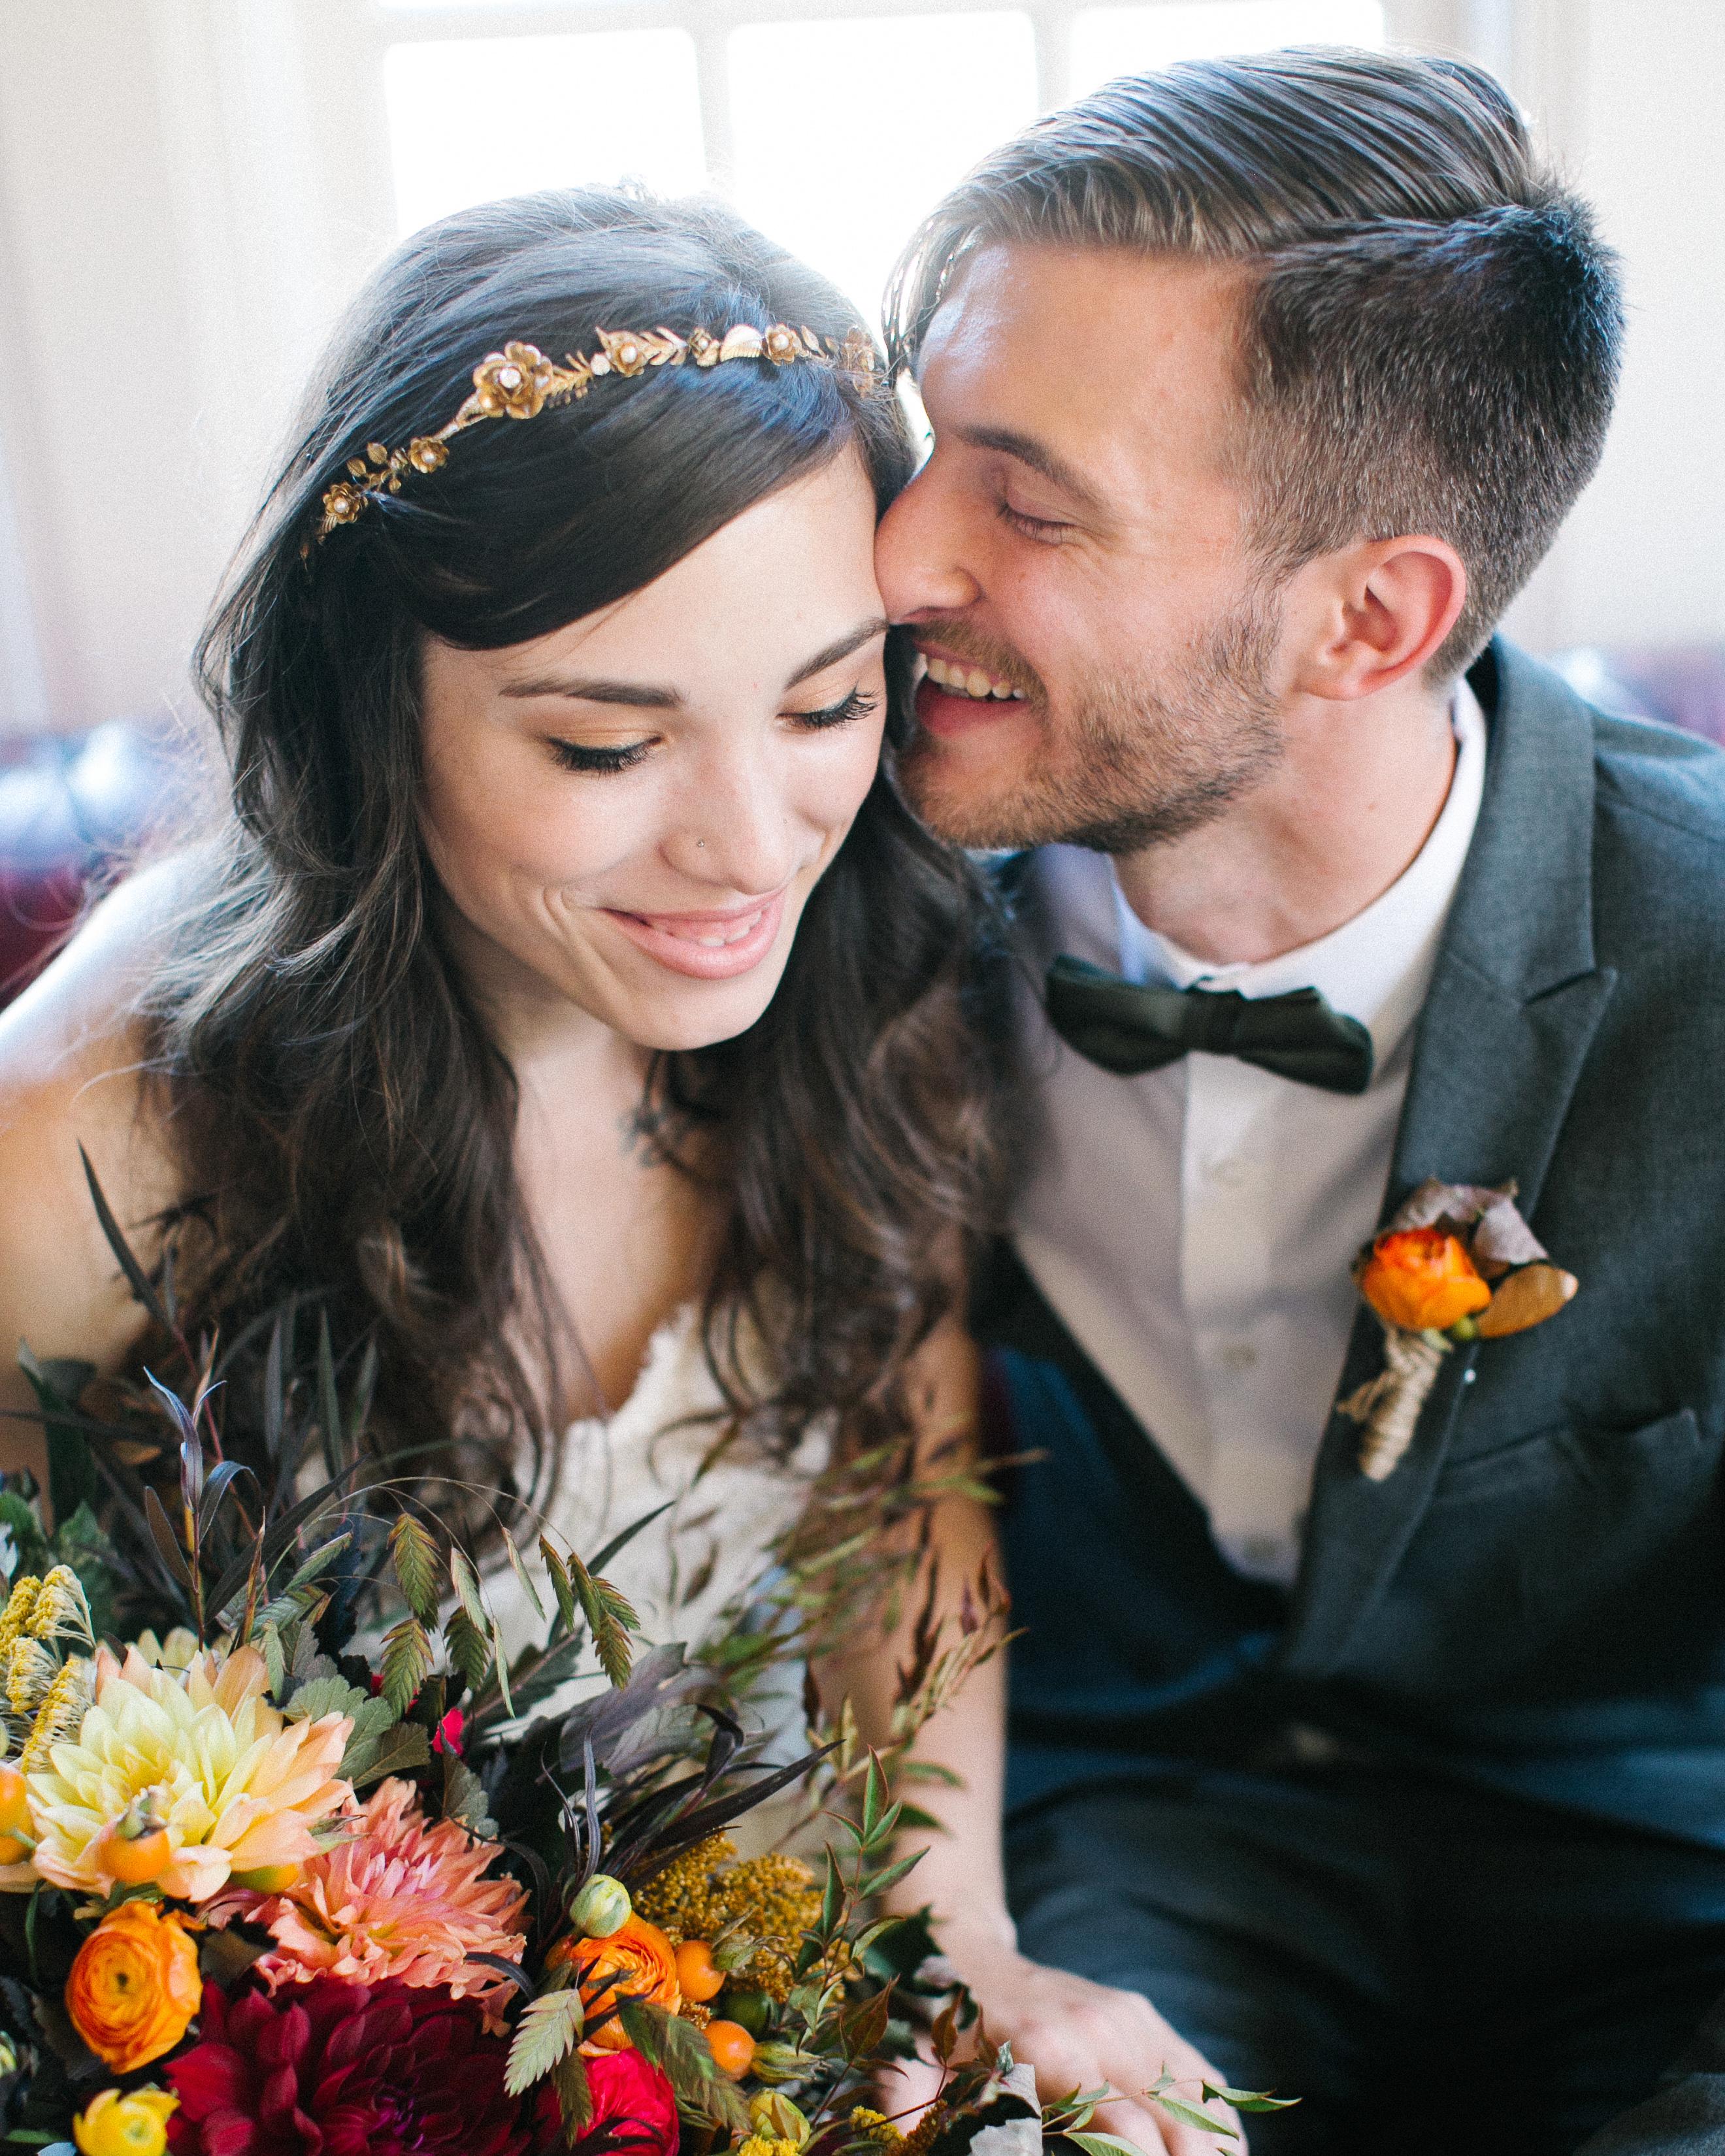 marguerita-aaron-wedding-couple-249-s111848-0214.jpg